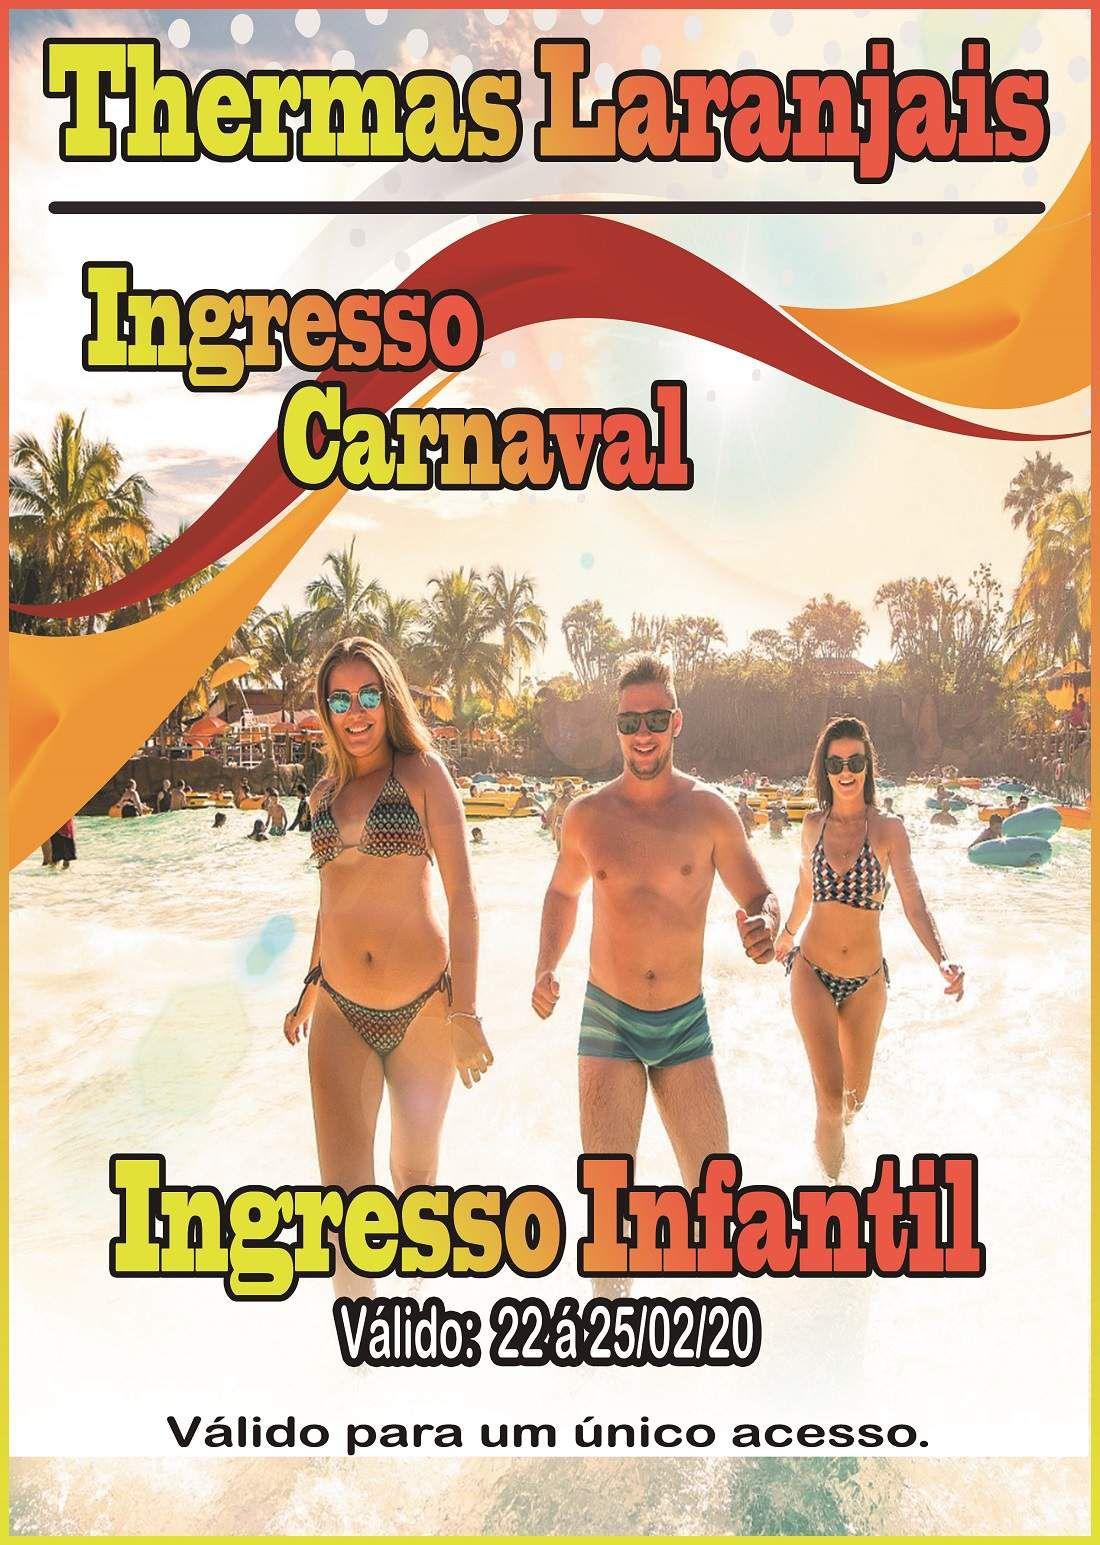 Ingresso Infantil - Carnaval 2020  - Thermas Fácil